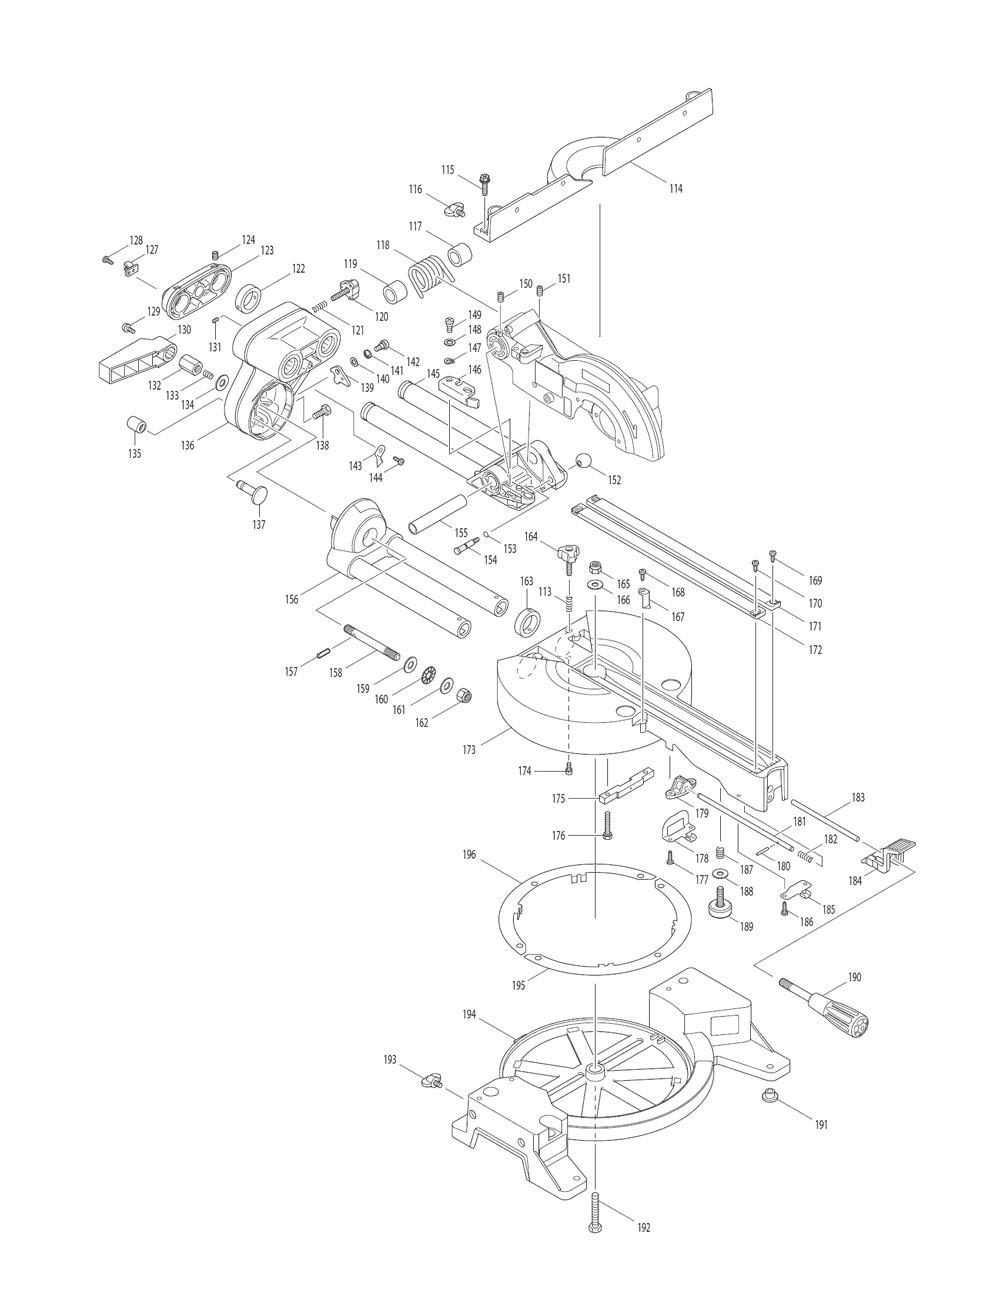 LXSL01Z-T1-Makita-PB-1Break Down